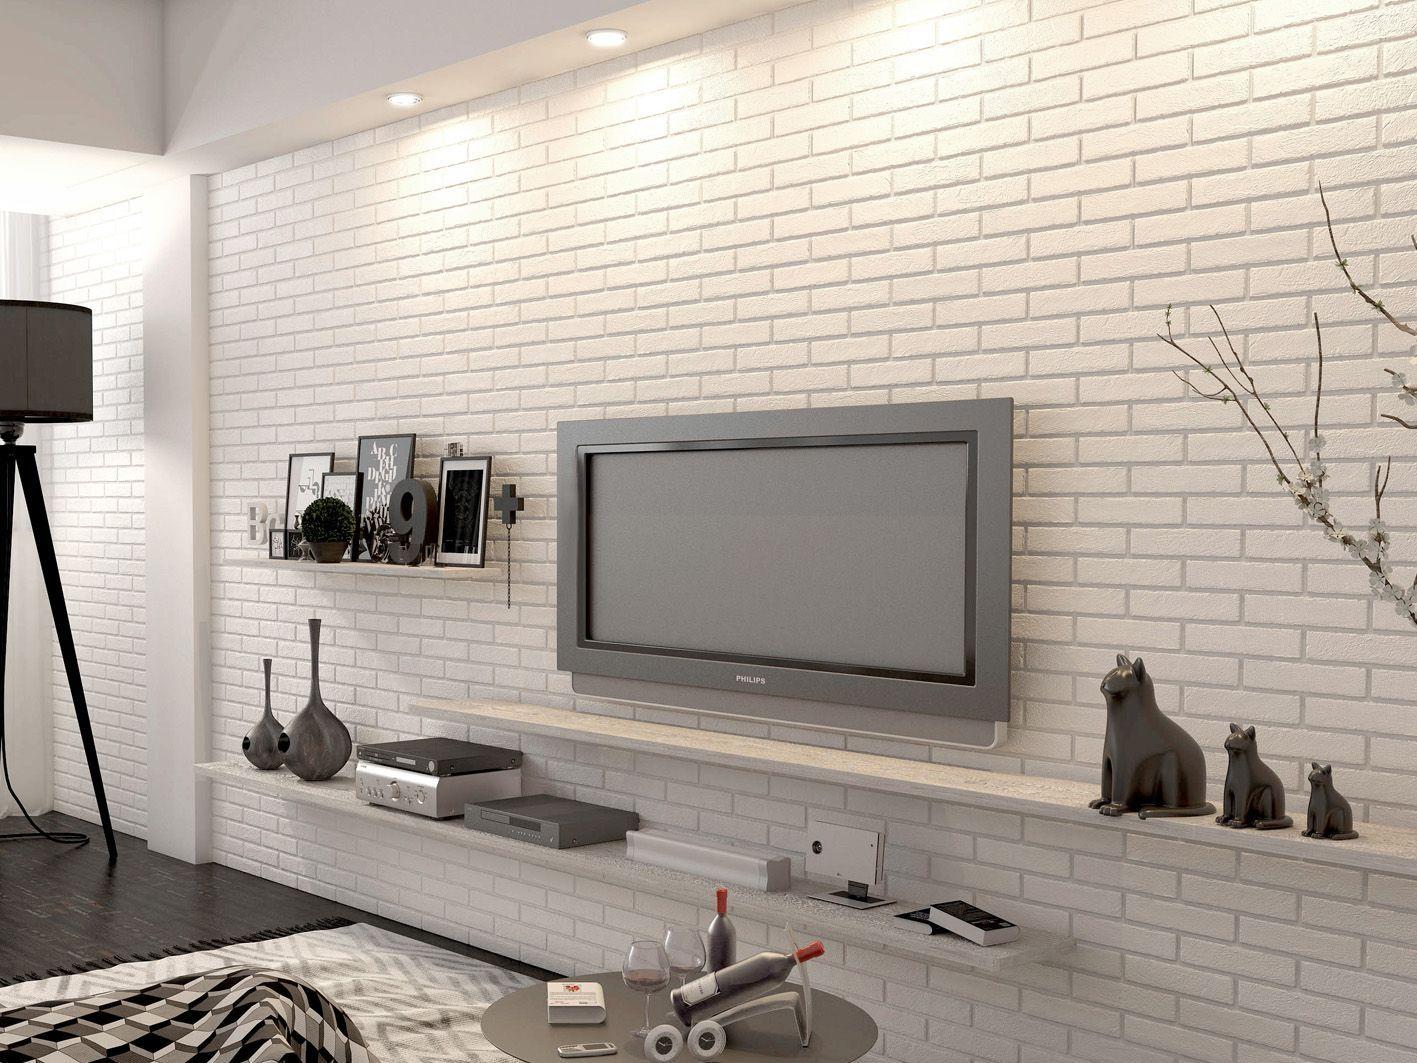 зачем фото дизайна гостиной с декоративным кирпичом подземная часть растений